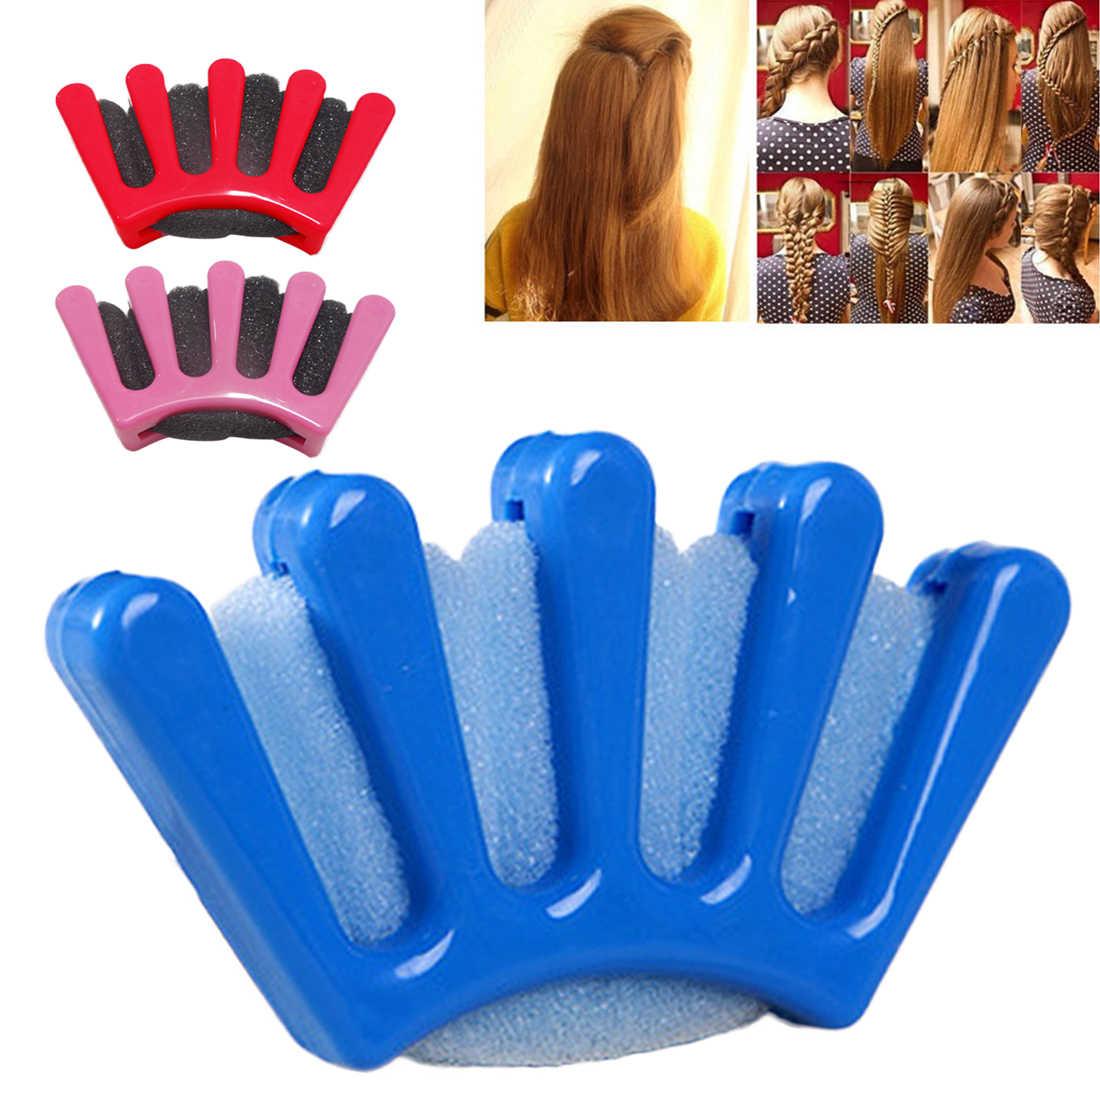 3 цвета, пять пальцев, плетение, губка, плетение, твист, укладка волос, Braider, сделай сам, аксессуар для волос/леди, девушка, французское приспособление для Плетения КОС